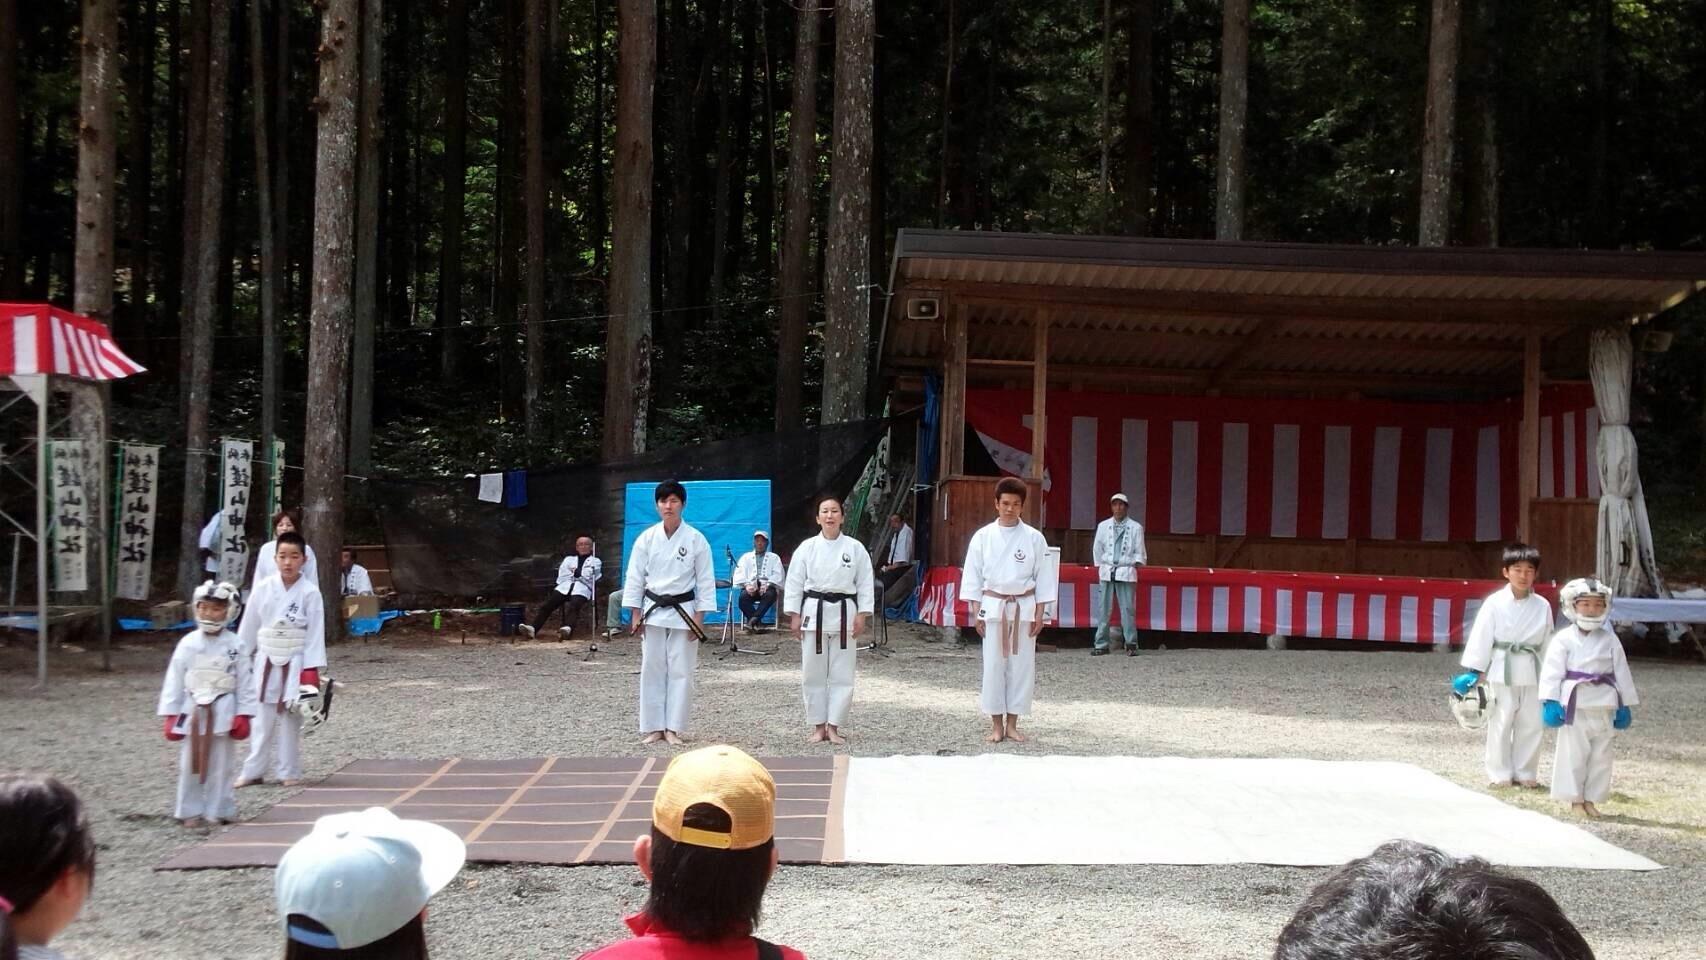 護山神社春の祭典(空手奉納)_d0010630_16253270.jpeg